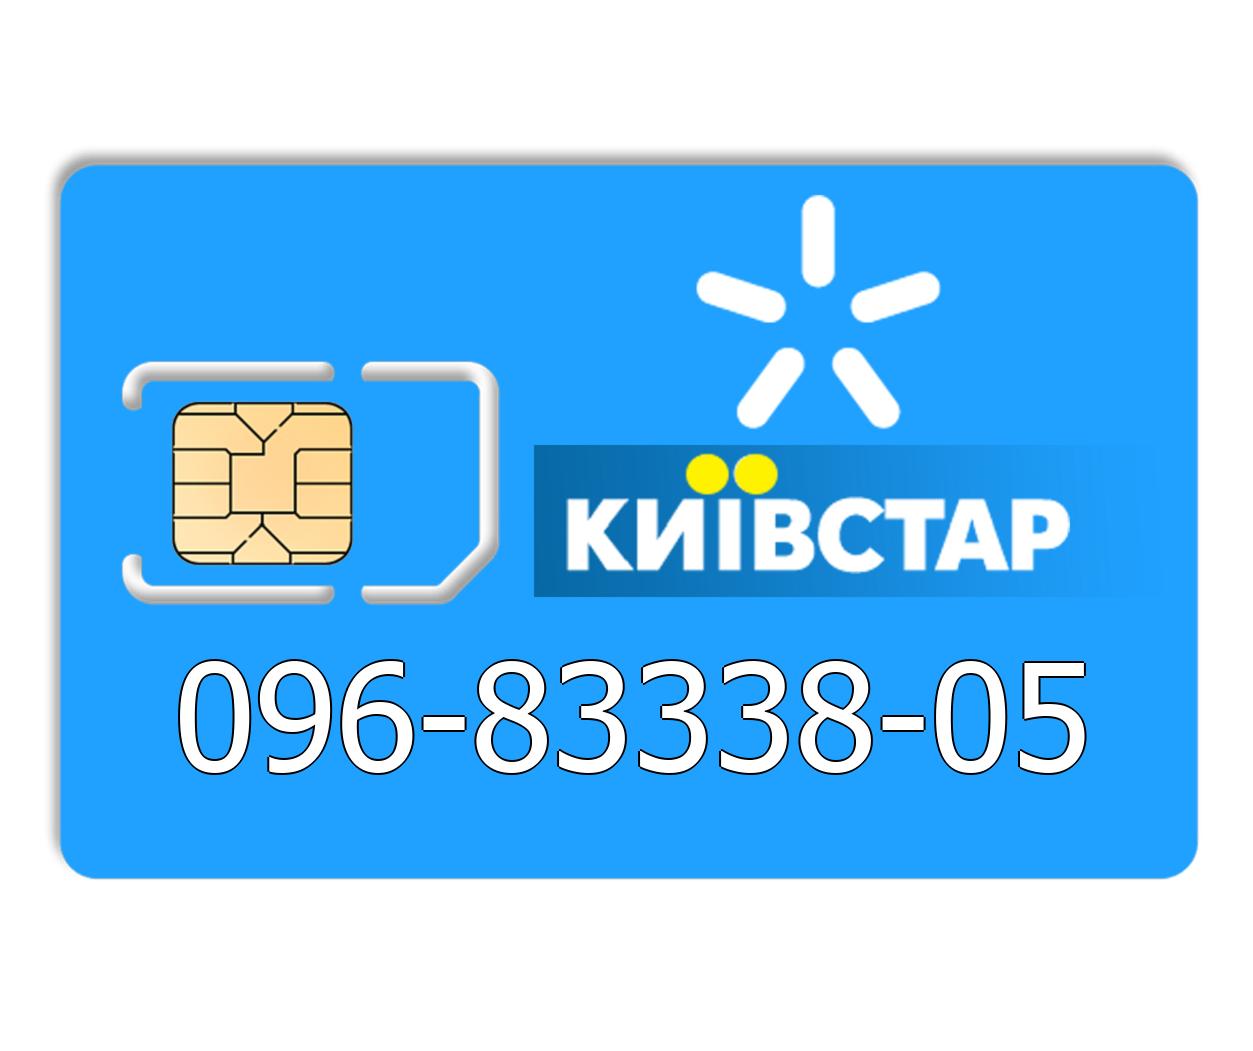 Красивый номер Киевстар 096-83338-05